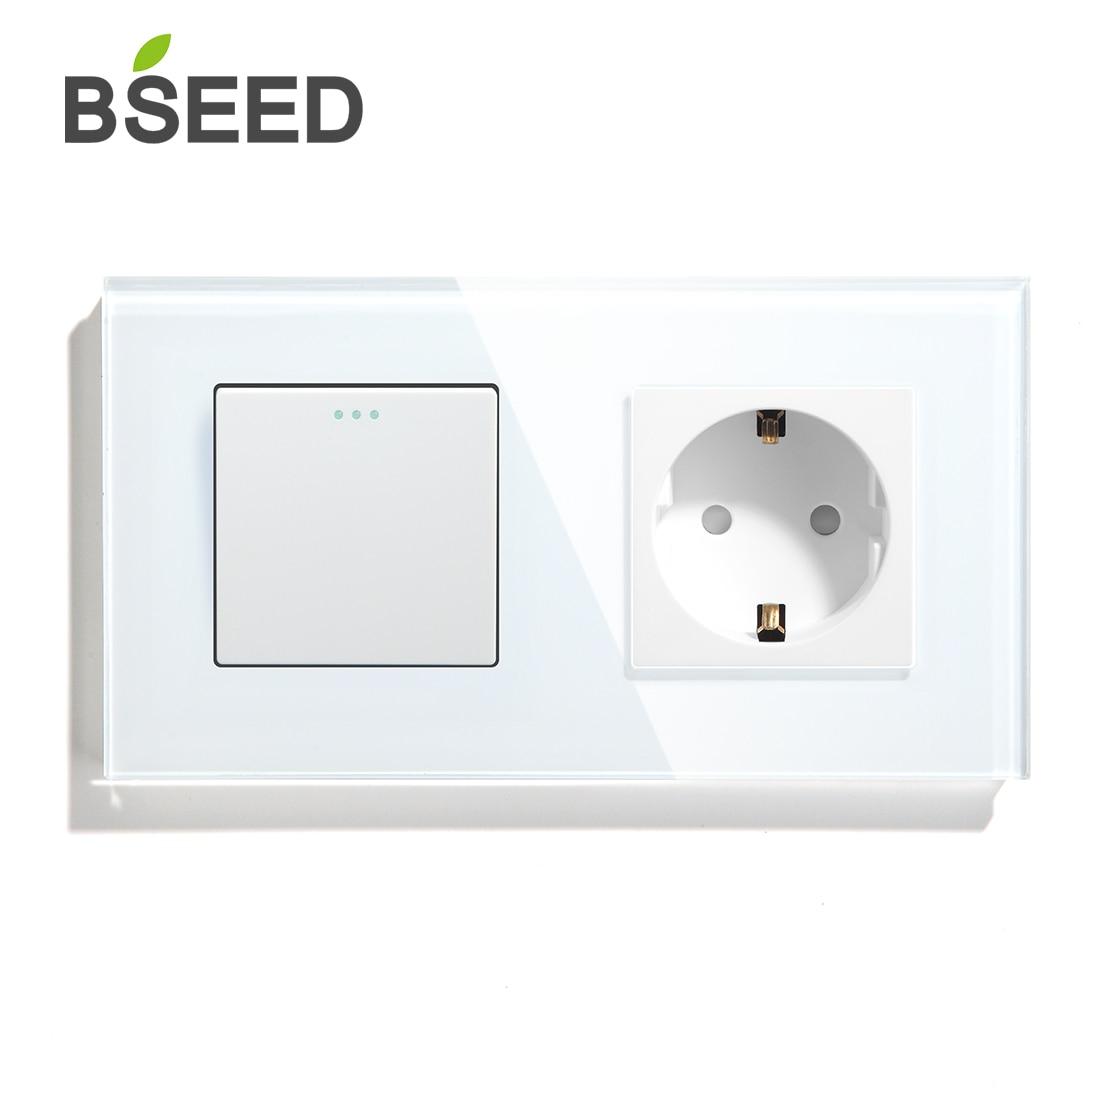 BSEED زر التبديل 1 عصابة 1 الطريق 2 طريقة الاتحاد الأوروبي القياسية مآخذ ومفاتيح مع 3 ألوان كريستال لوحة زجاج تحسين المنزل